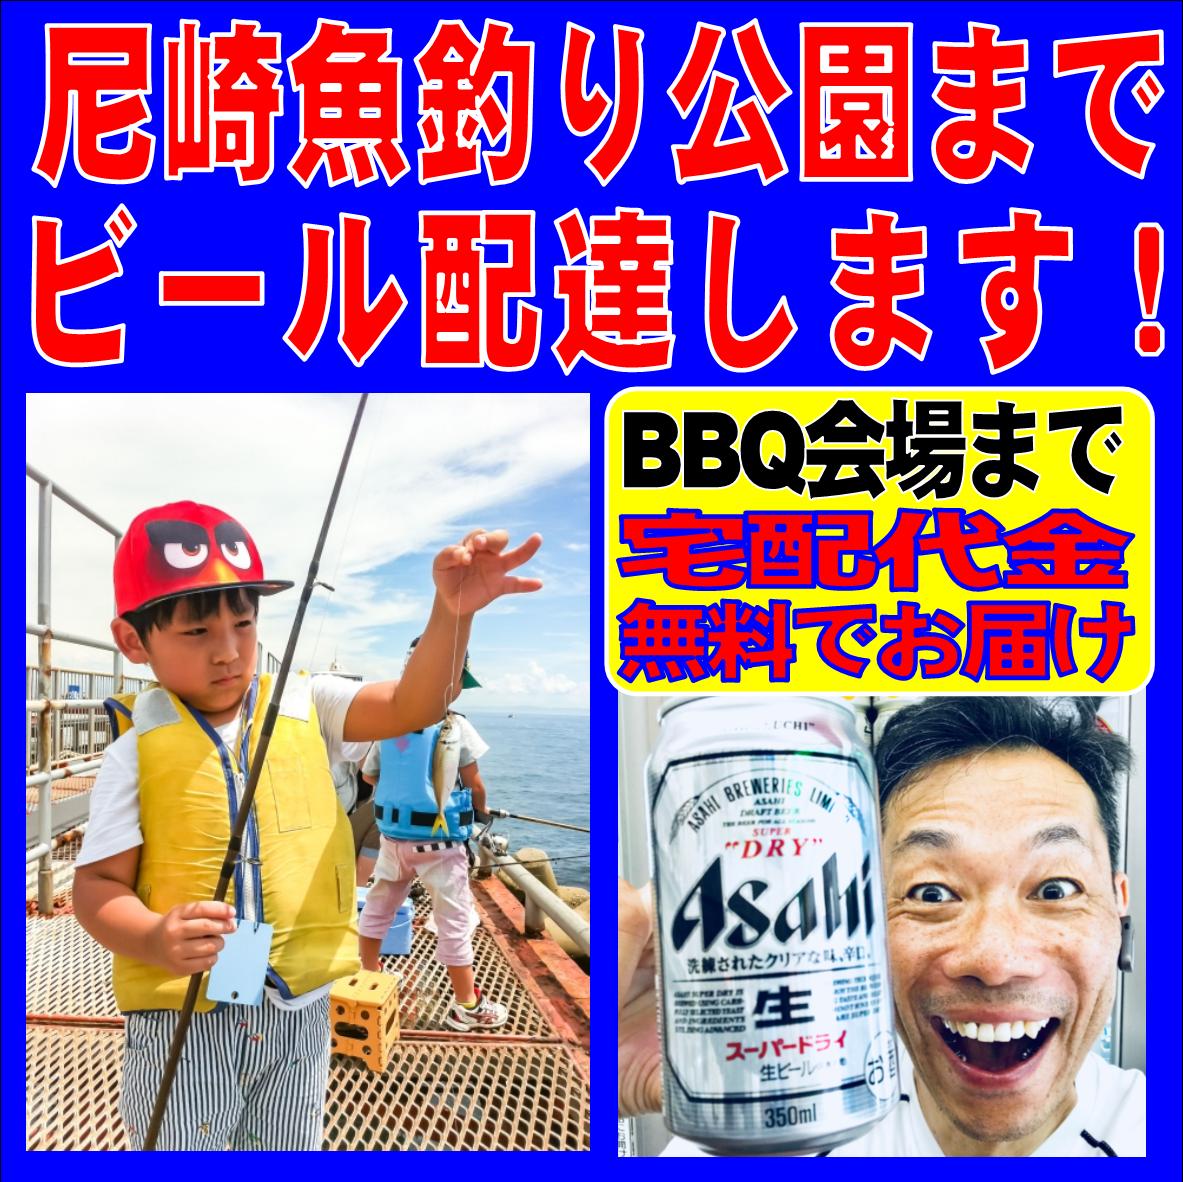 尼崎 魚つり公園 ビール 宅配 バーベキュー